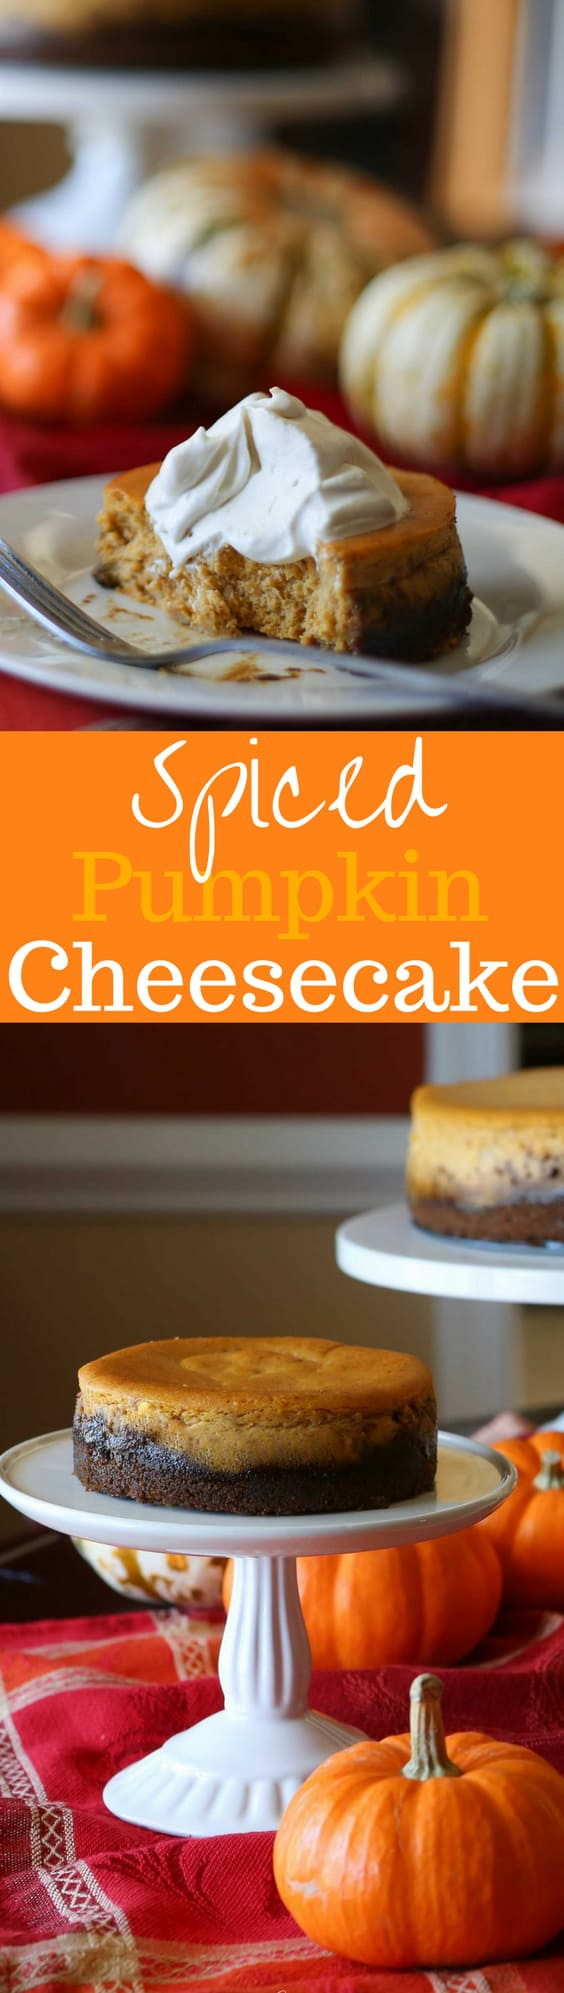 spiced-pumpkin-cheesecake